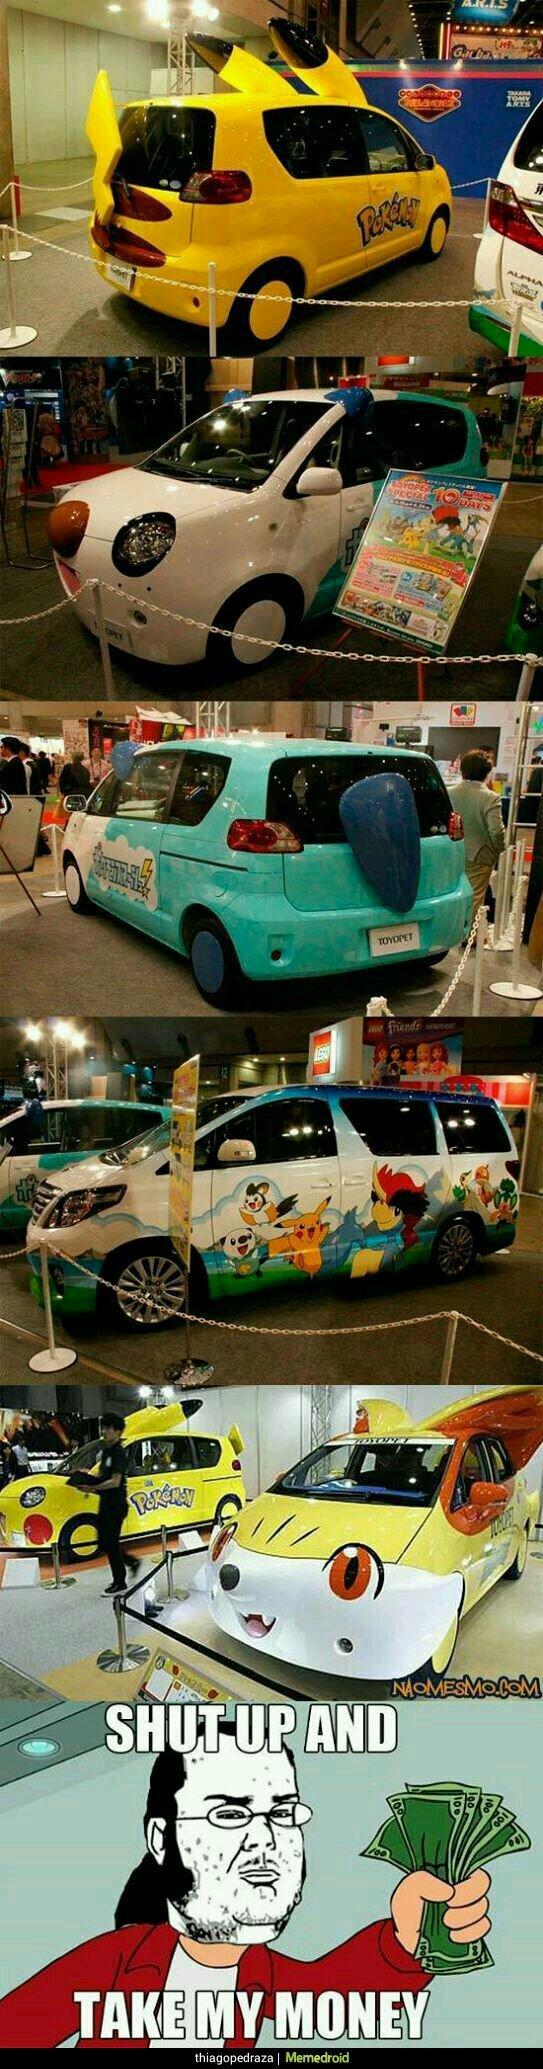 Une visite au salon de l'automobile sponsorisé par pokemon - meme